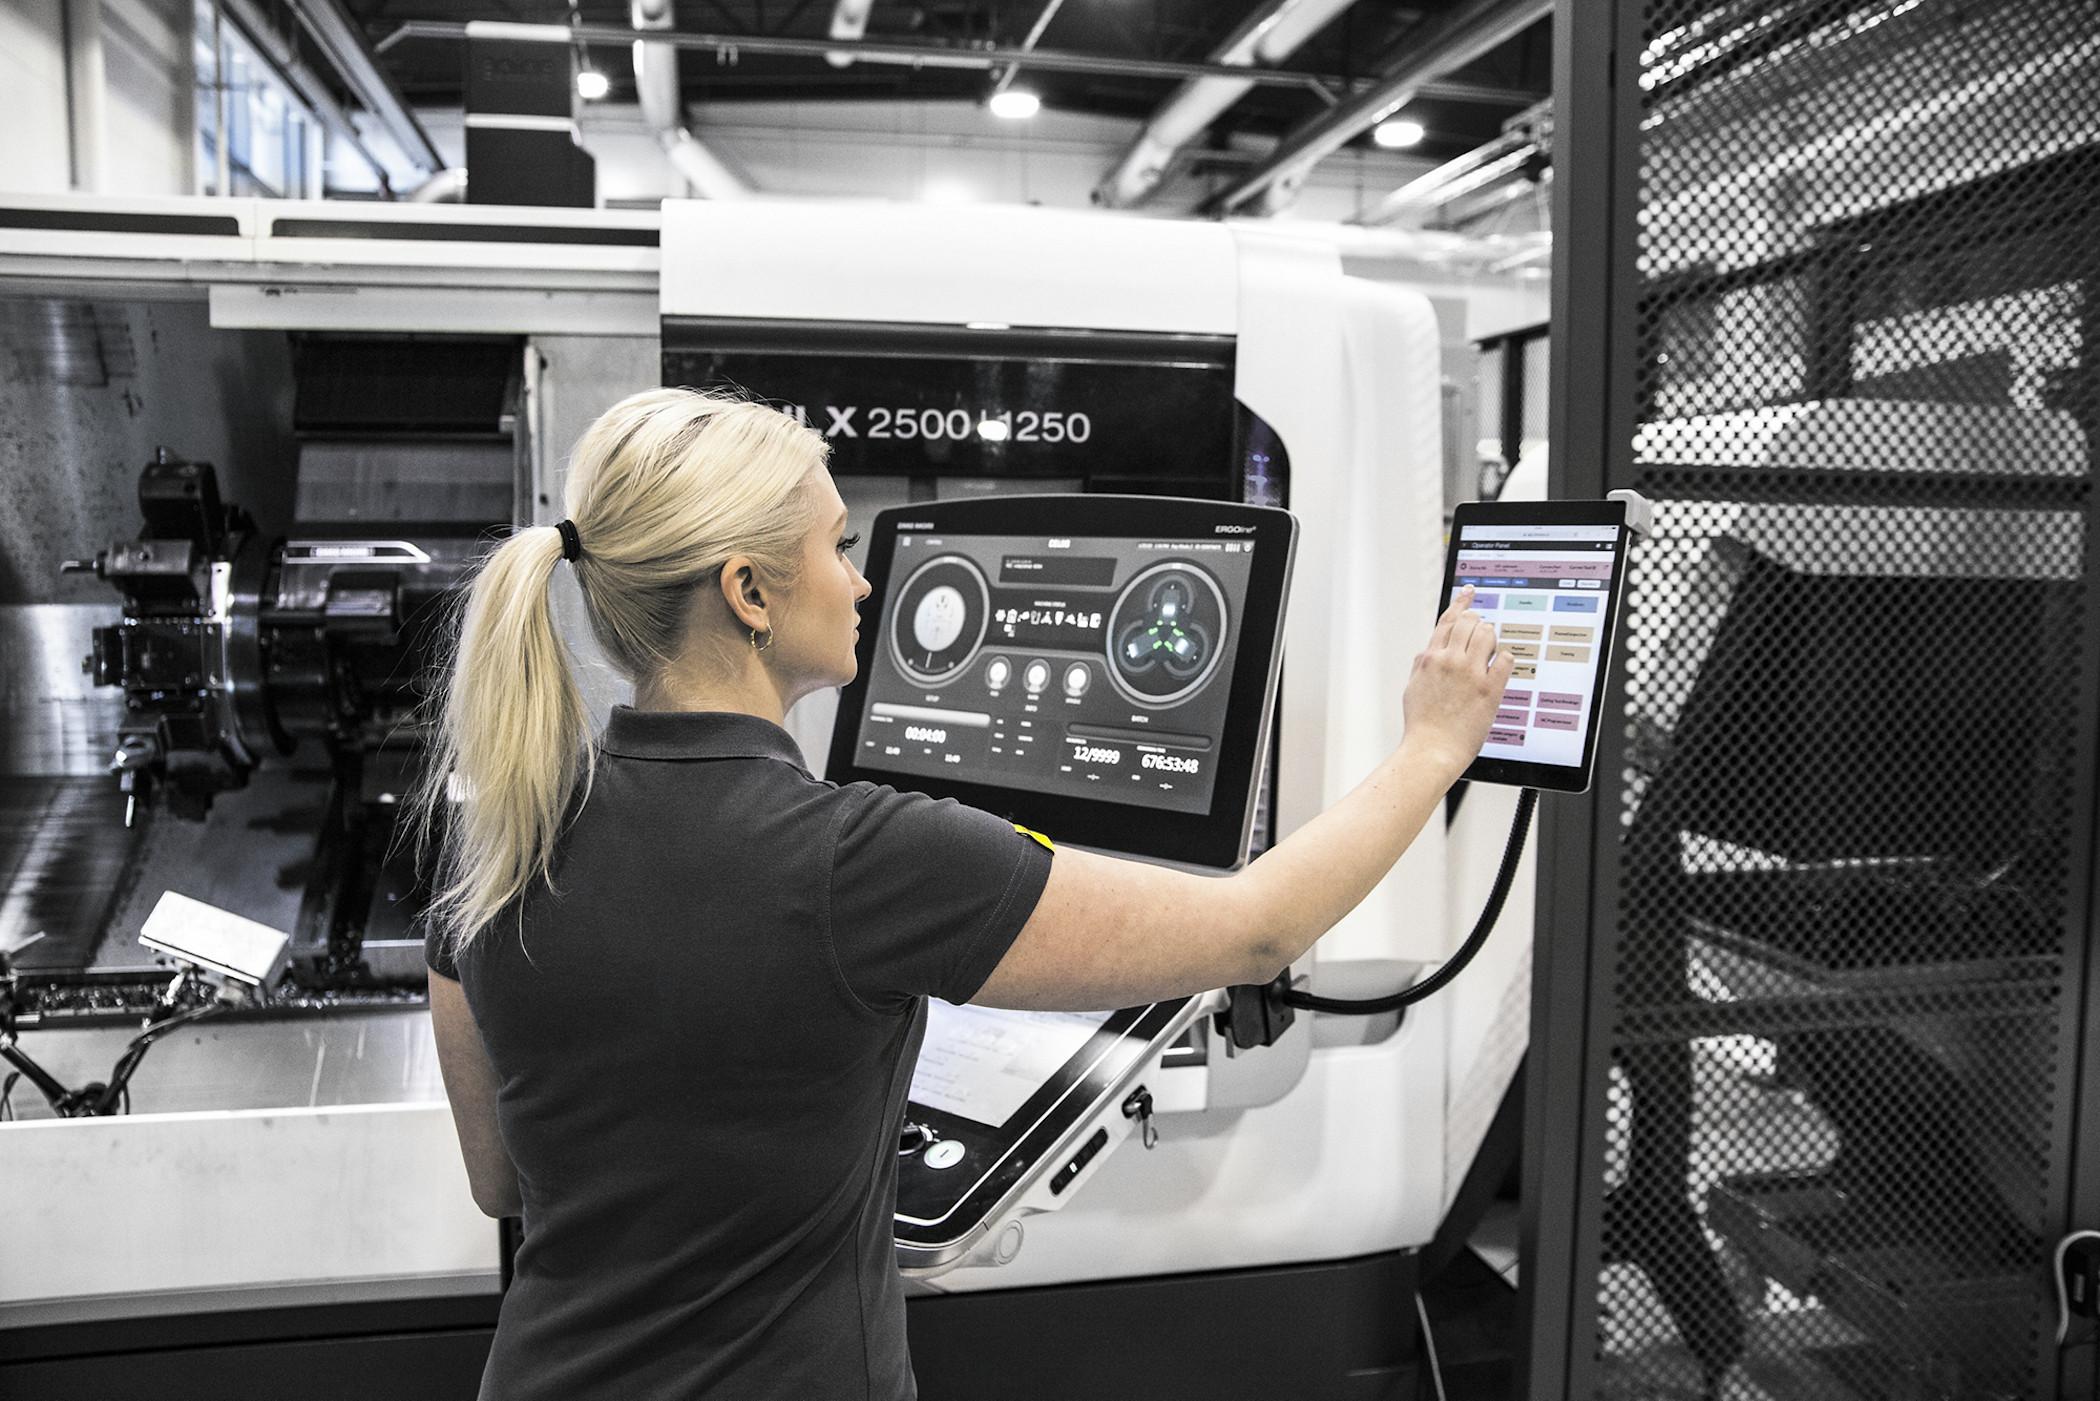 Adopter les technologies digitales pour gérer son atelier